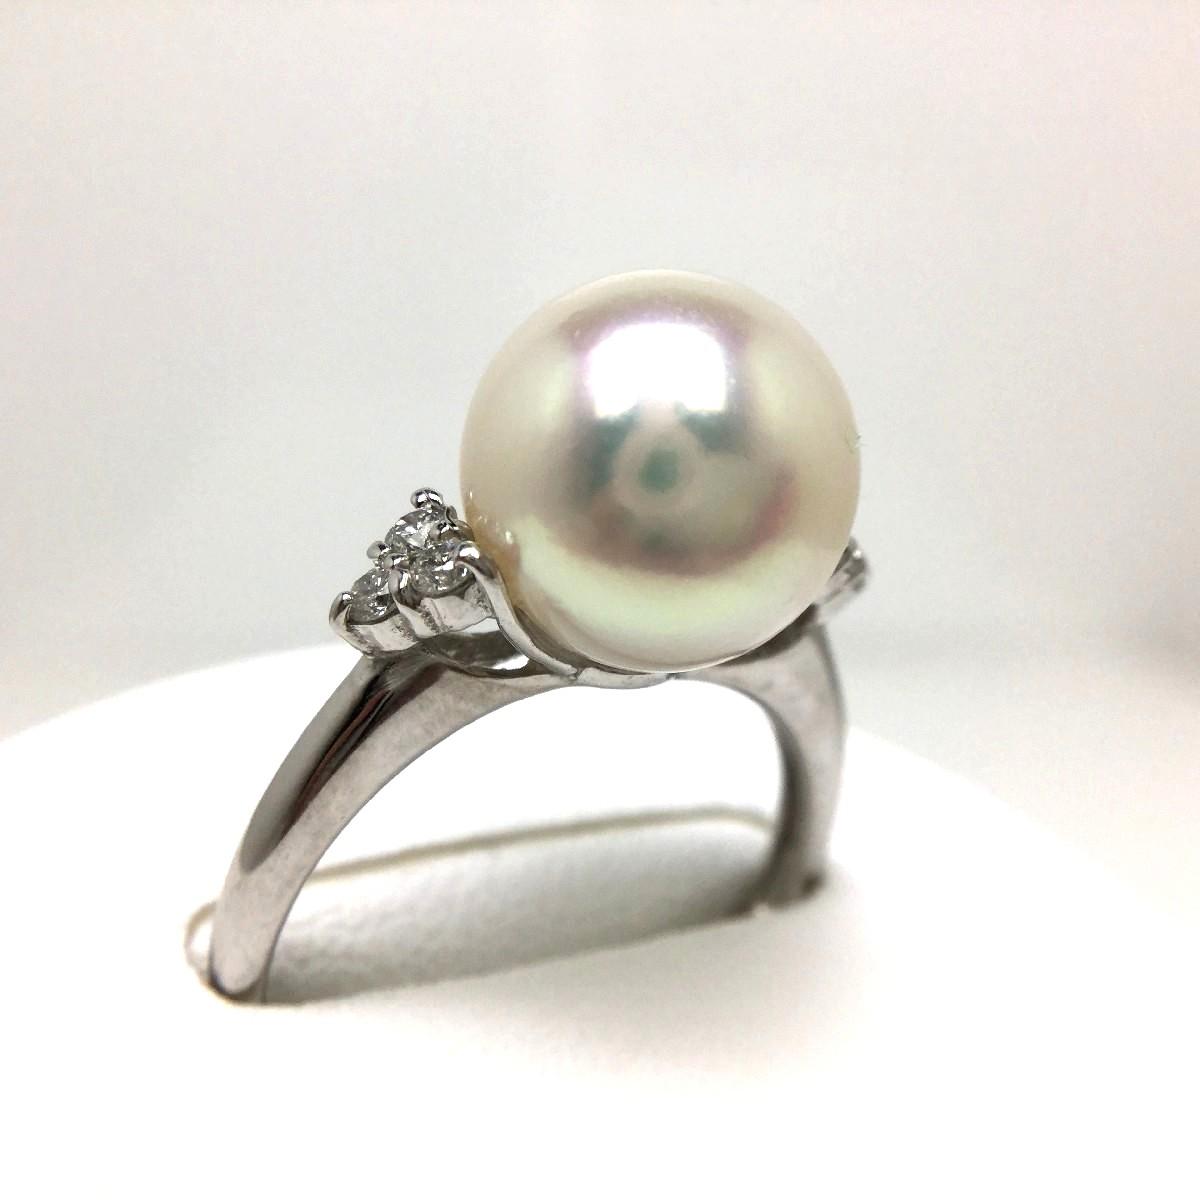 真珠 リング パール オーロラ・花珠 アコヤ真珠 9.4mm ホワイトピンク Pt900 プラチナ ダイヤ 0.1ct 65313 イソワパール